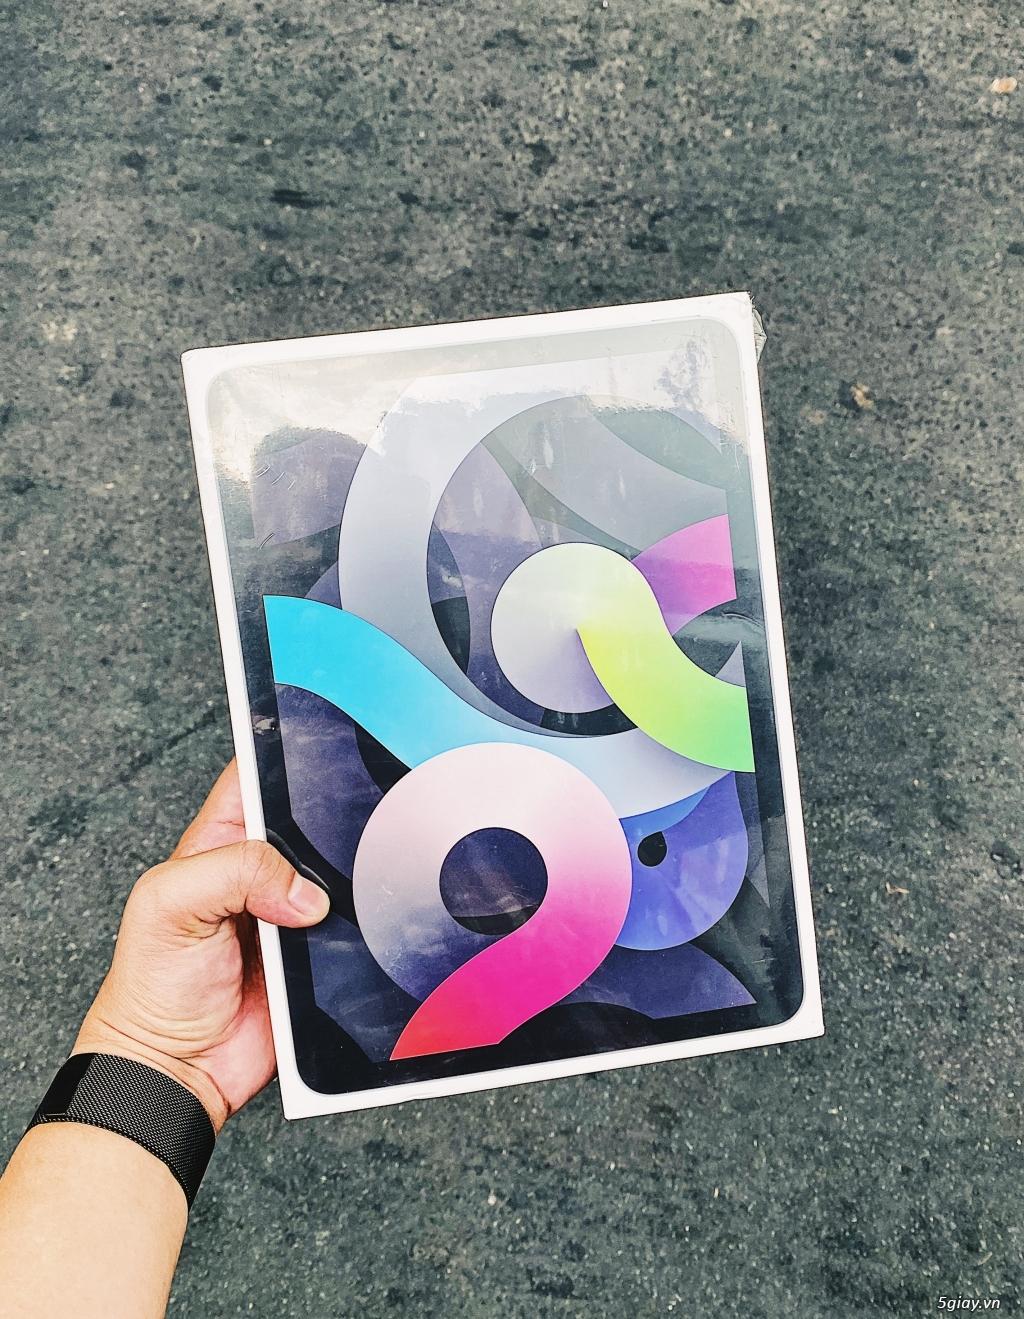 Cần bán iPad Air3 - Air2 - Air1 - Gen8 - 7 -6 - 5...